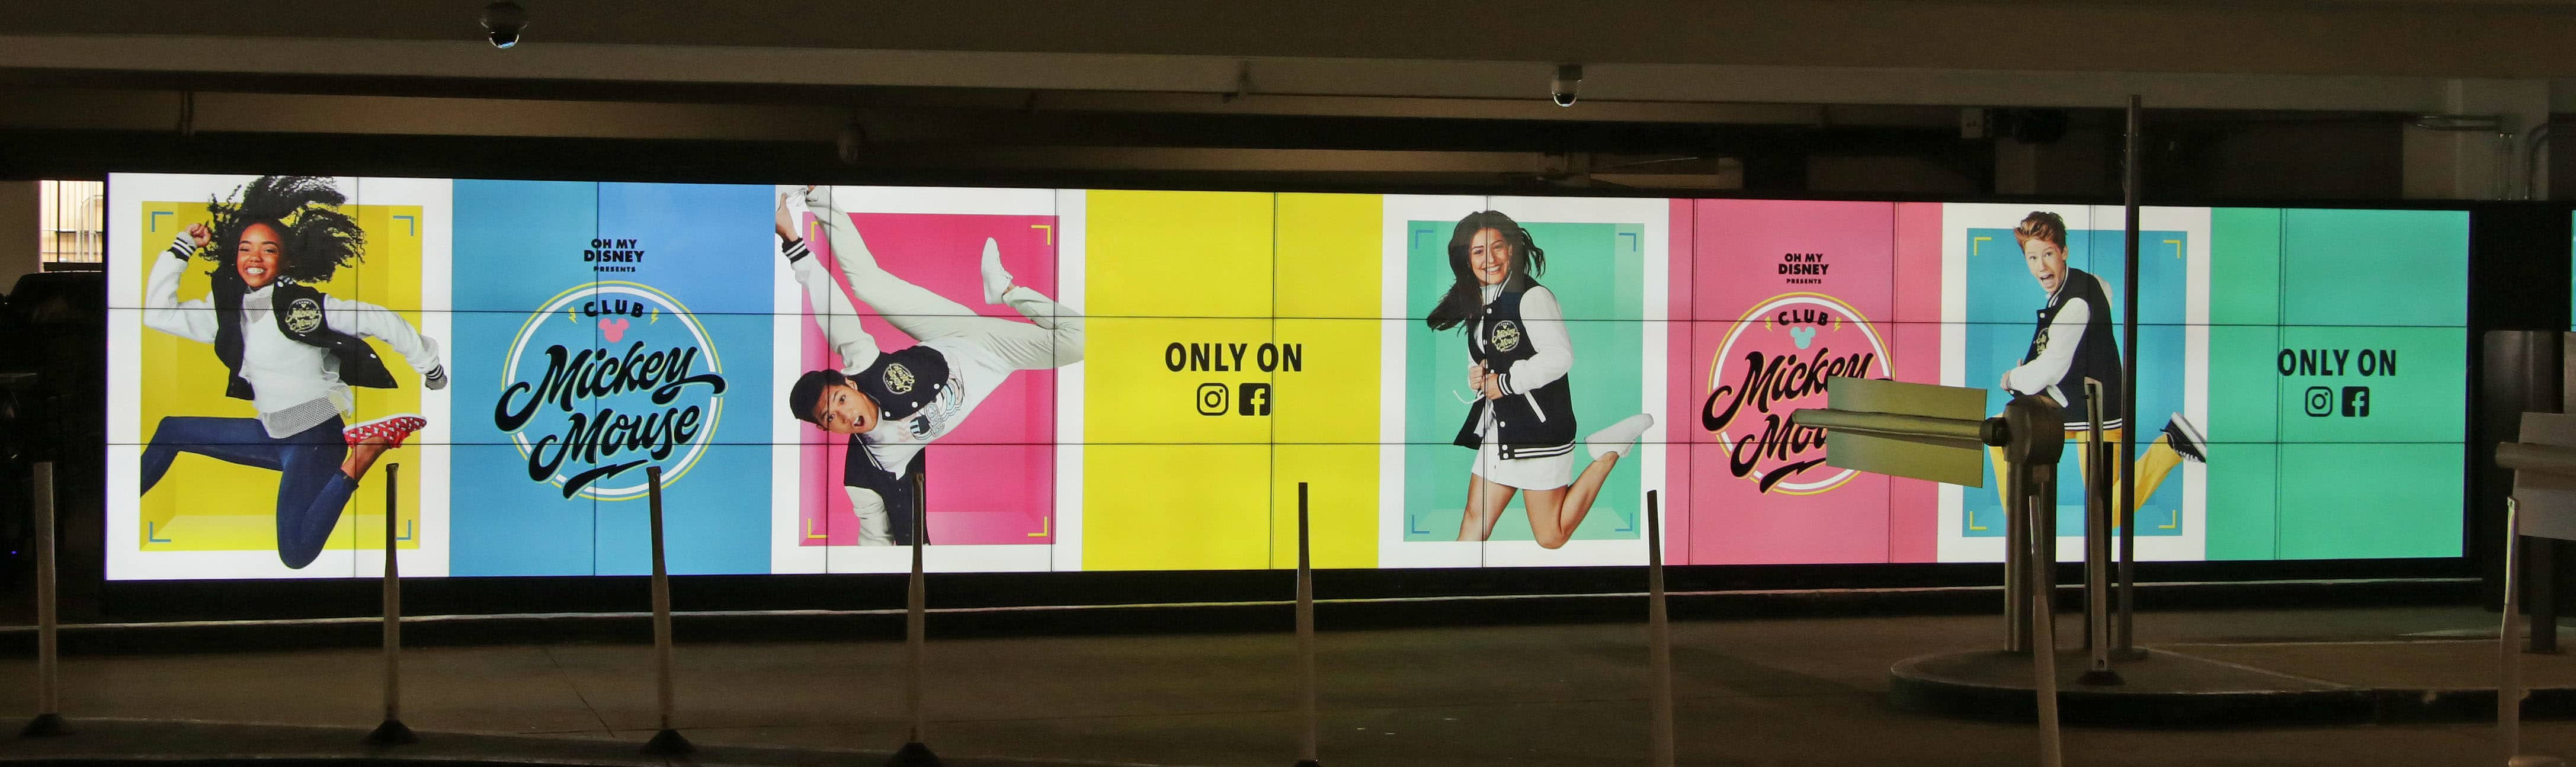 Mall Garage Digital Signage